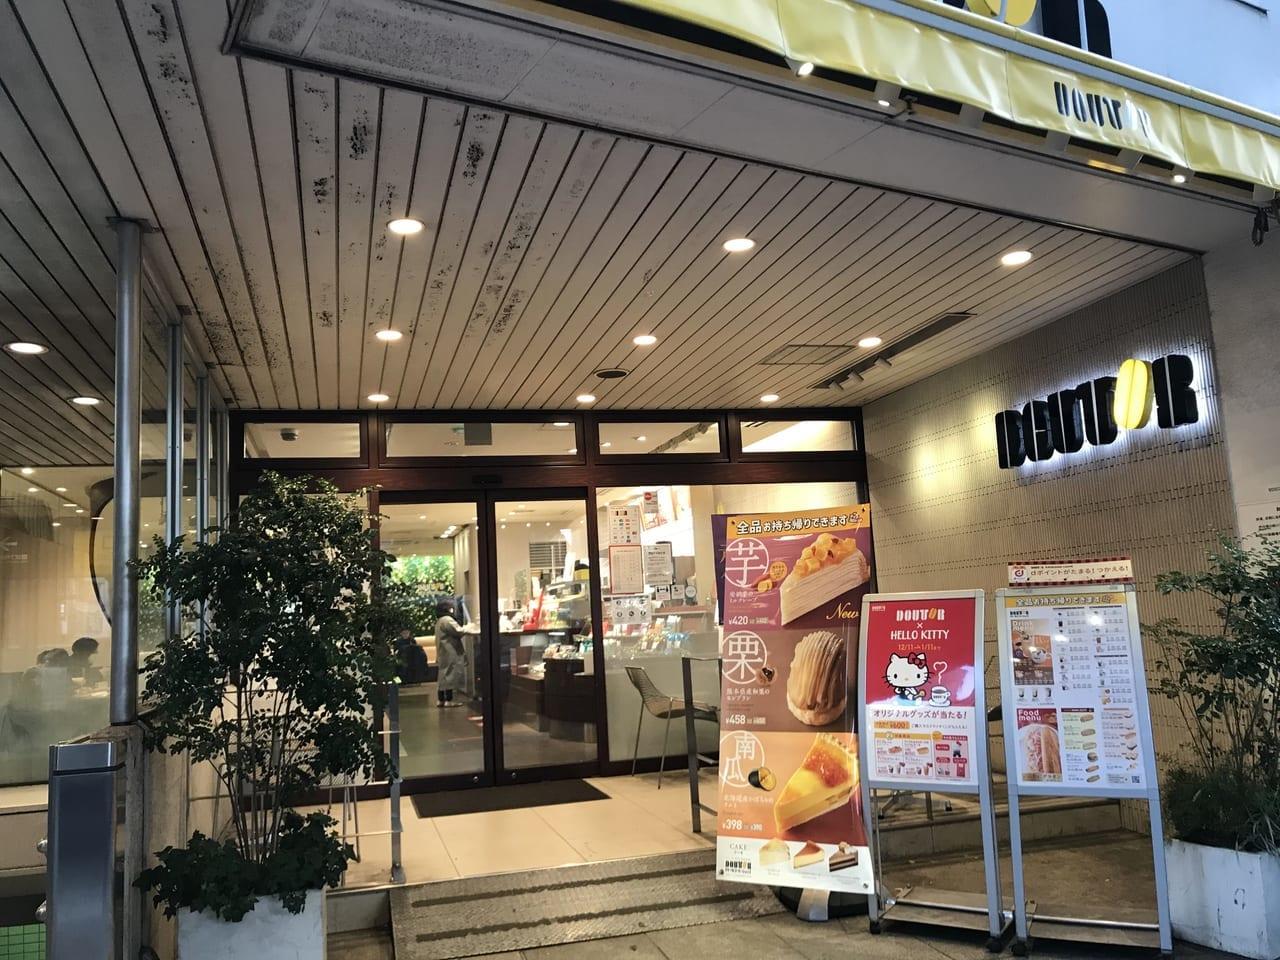 世田谷区ドトールコーヒー 駒澤大学駅前店閉店